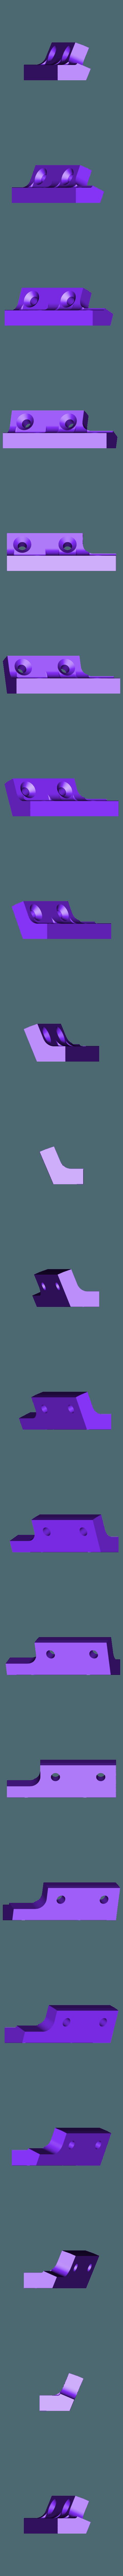 grip_mount_bot.stl Télécharger fichier STL gratuit EPIC 6 stage coilgun • Objet pour impression 3D, Gyro